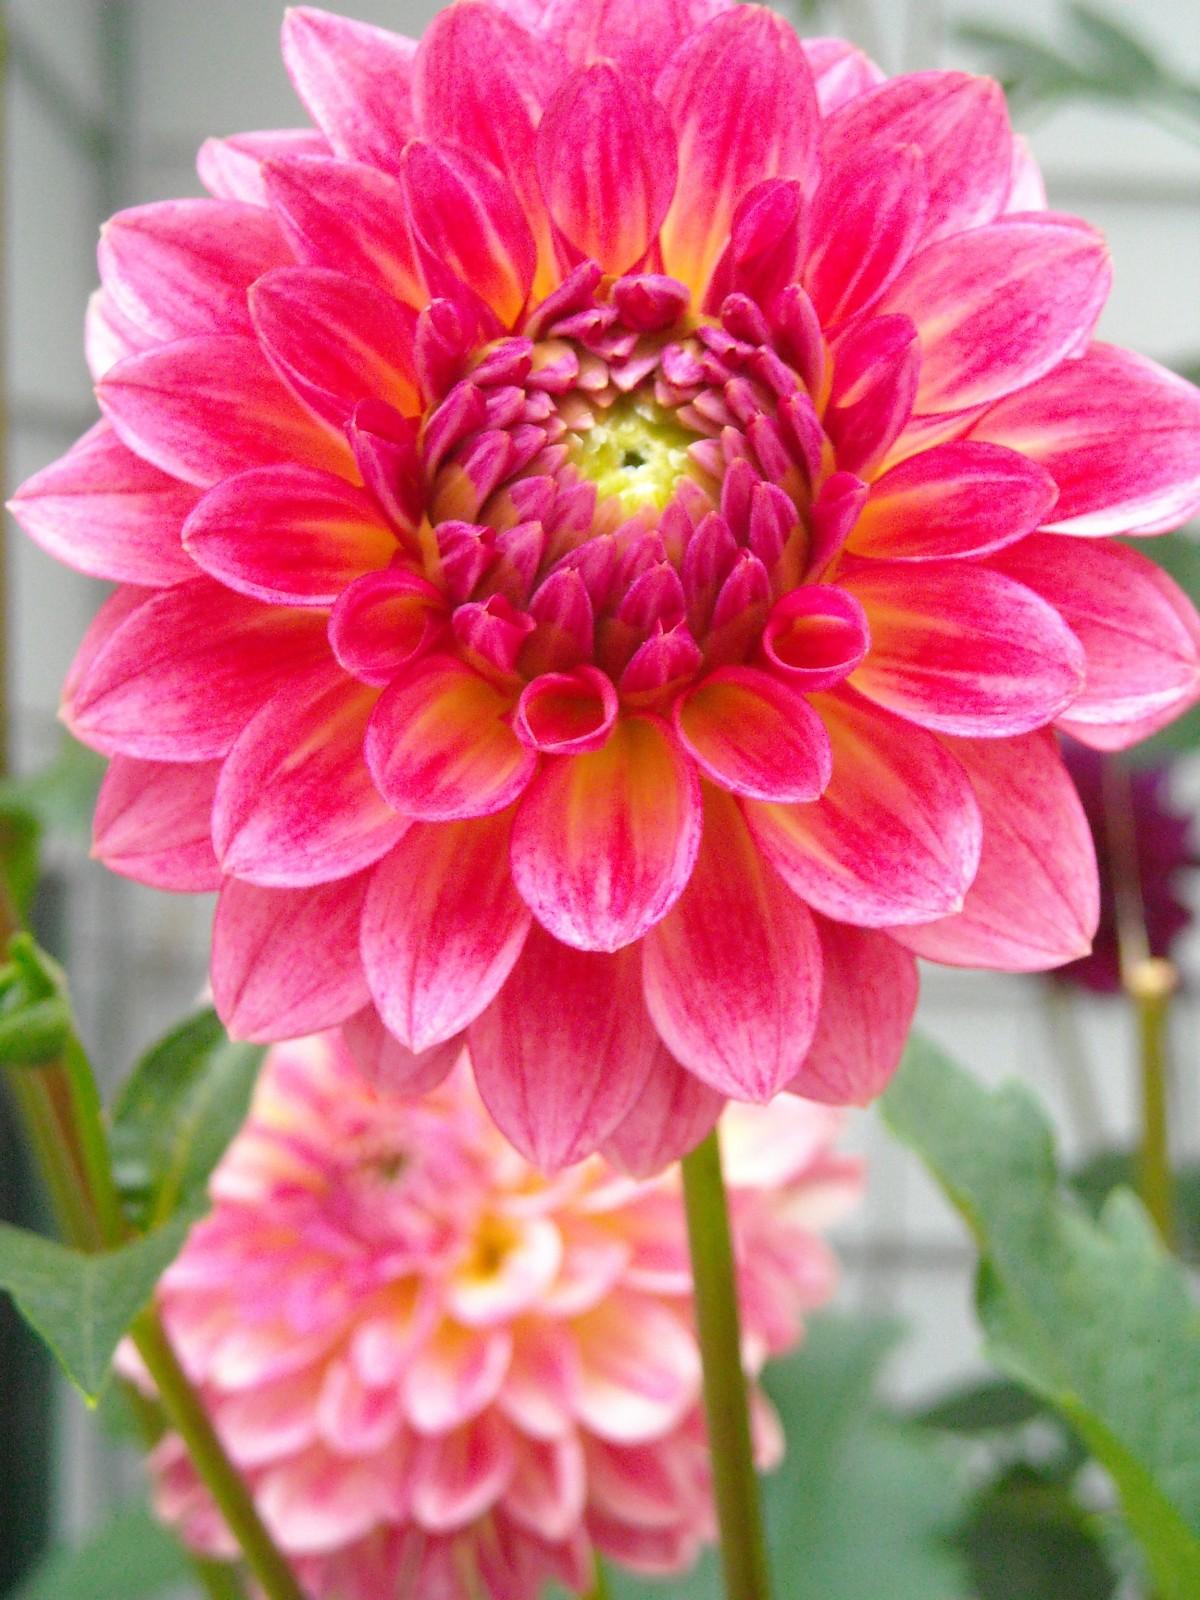 images gratuites fleur p tale jardin dahlia pivoine plante fleurs famille de. Black Bedroom Furniture Sets. Home Design Ideas